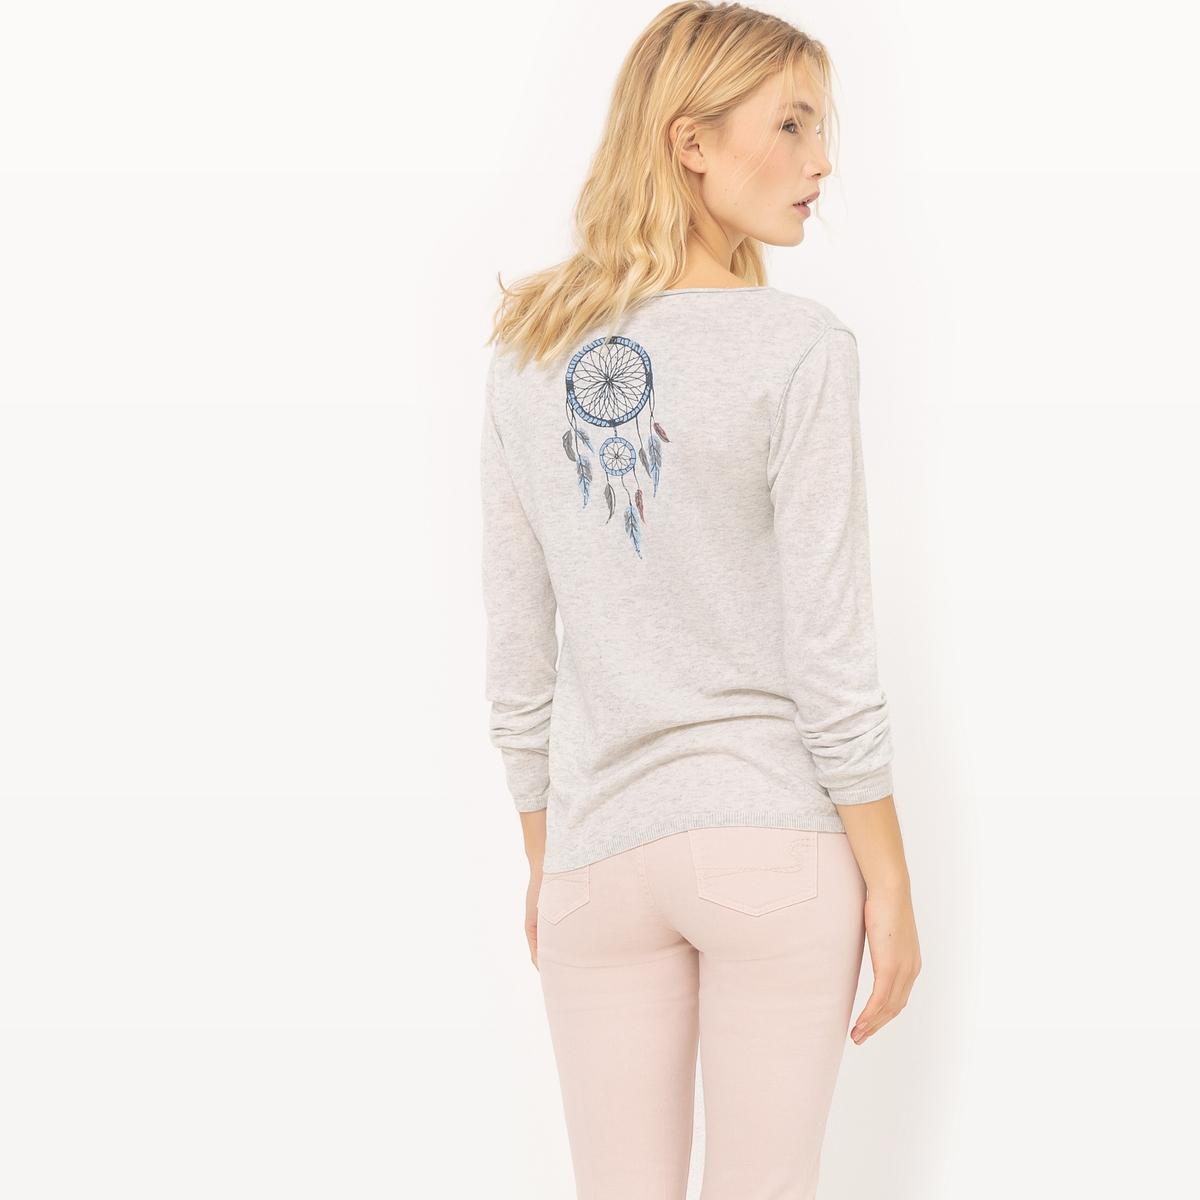 Пуловер из тонкого трикотажа с рисунком сзадиМатериал : 15% шерсти, 22% ацетата, 28% полиамида, 35% полиэстера Длина рукава : длинные рукава Форма воротника : круглый вырез с разрезом спереди Покрой пуловера : стандартный Рисунок : рисунок спереди<br><br>Цвет: экрю меланж<br>Размер: S